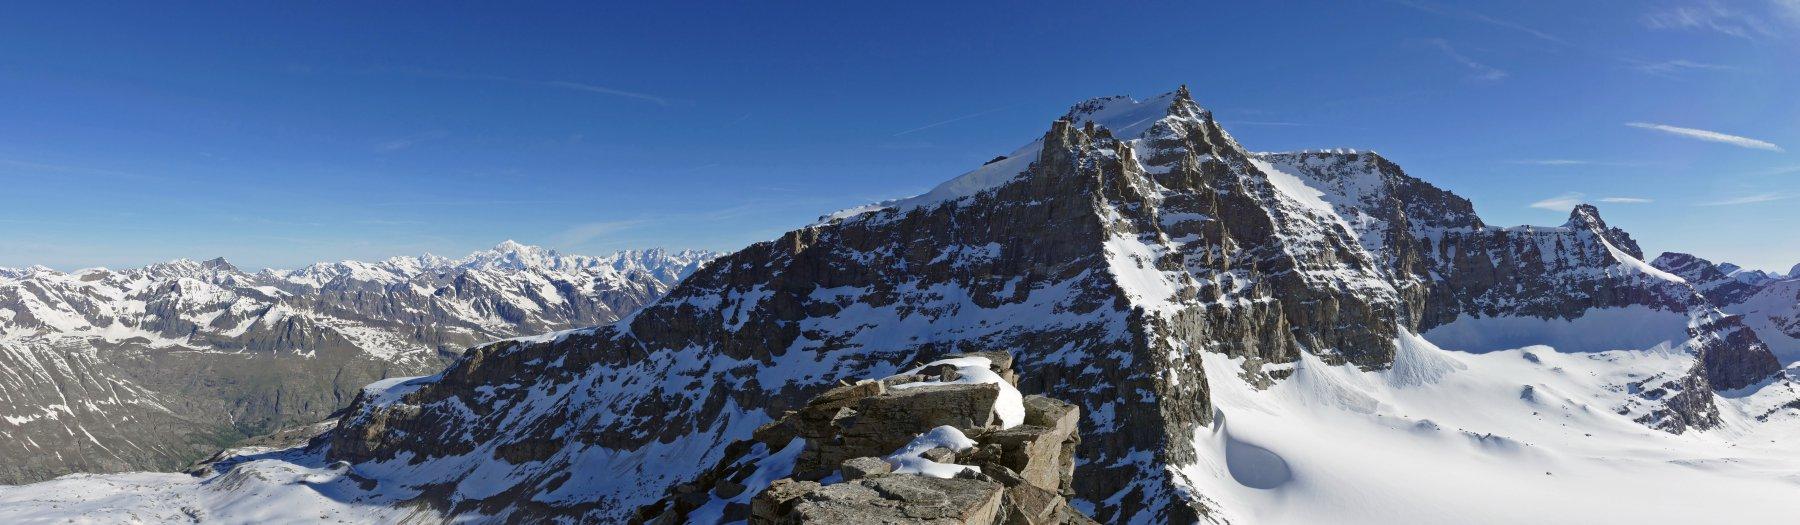 Panoramica dal Bianco al Gran Paradiso